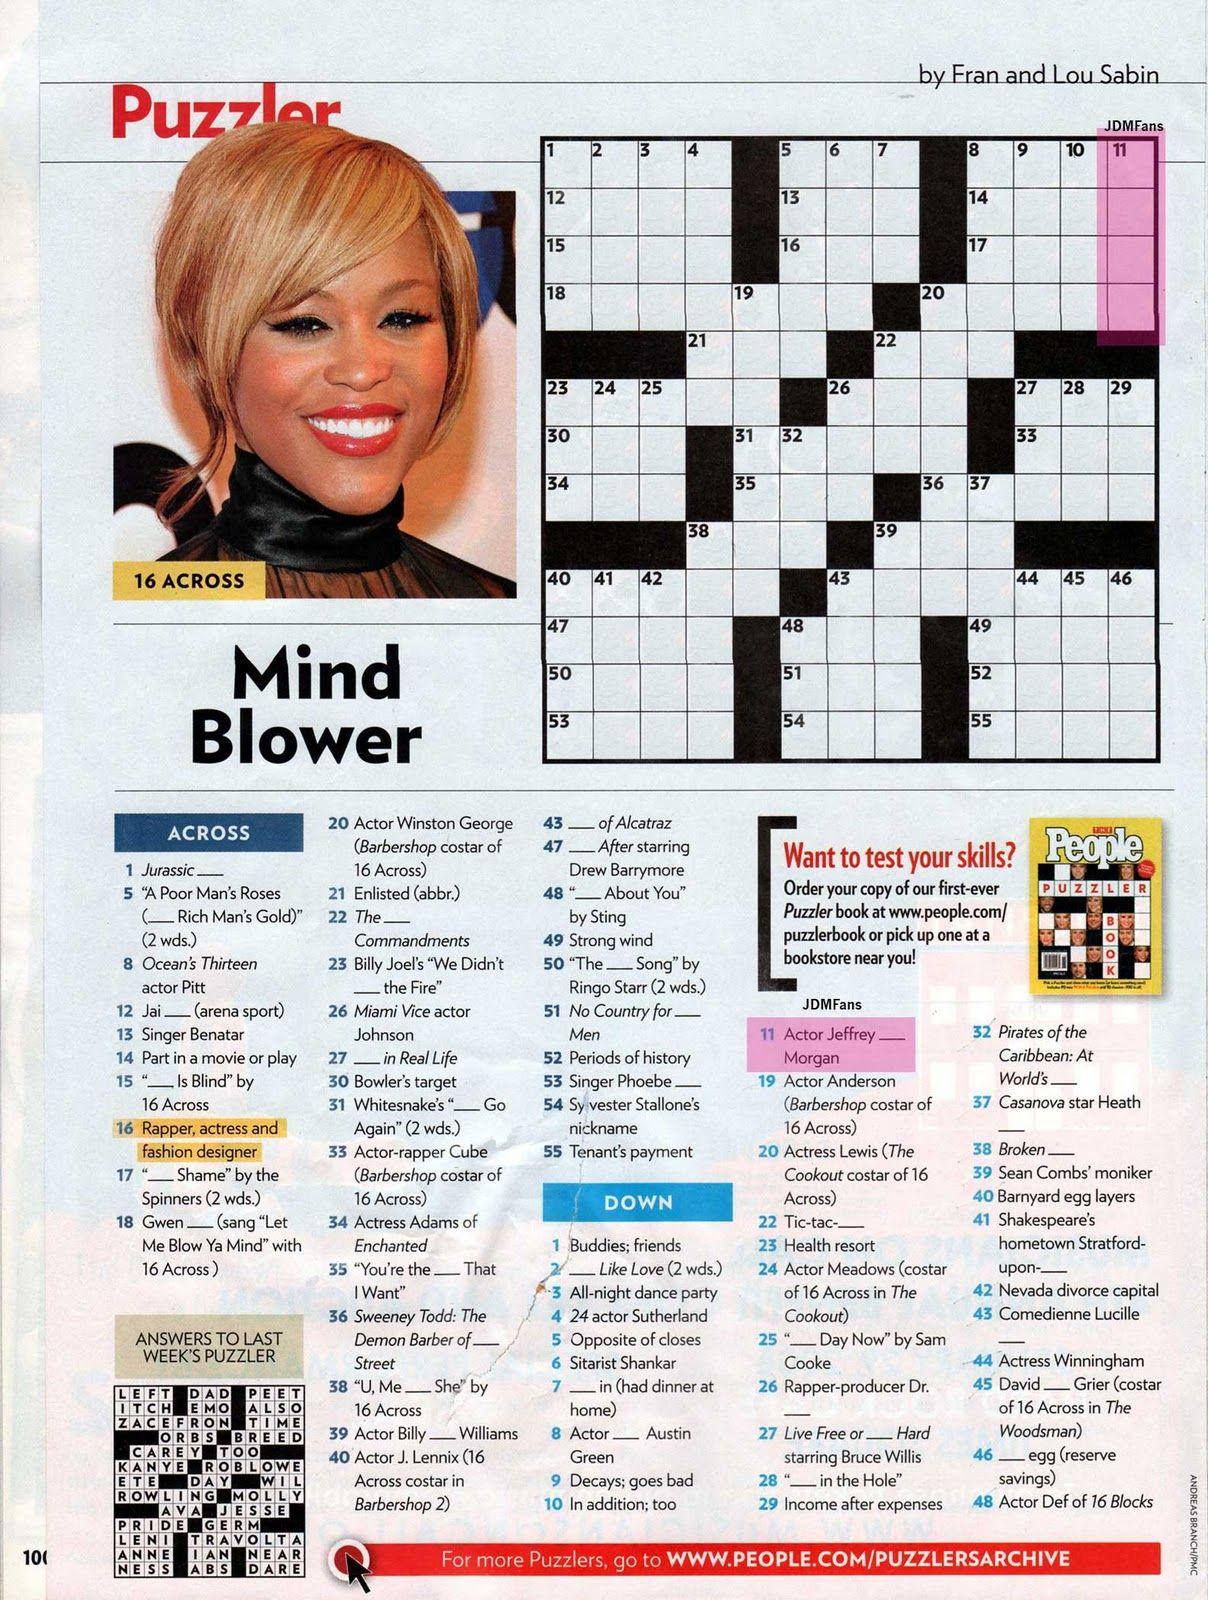 People Magazine Crossword Puzzles To Print | Puzzles In 2019 - Printable Celebrity Crossword Puzzle